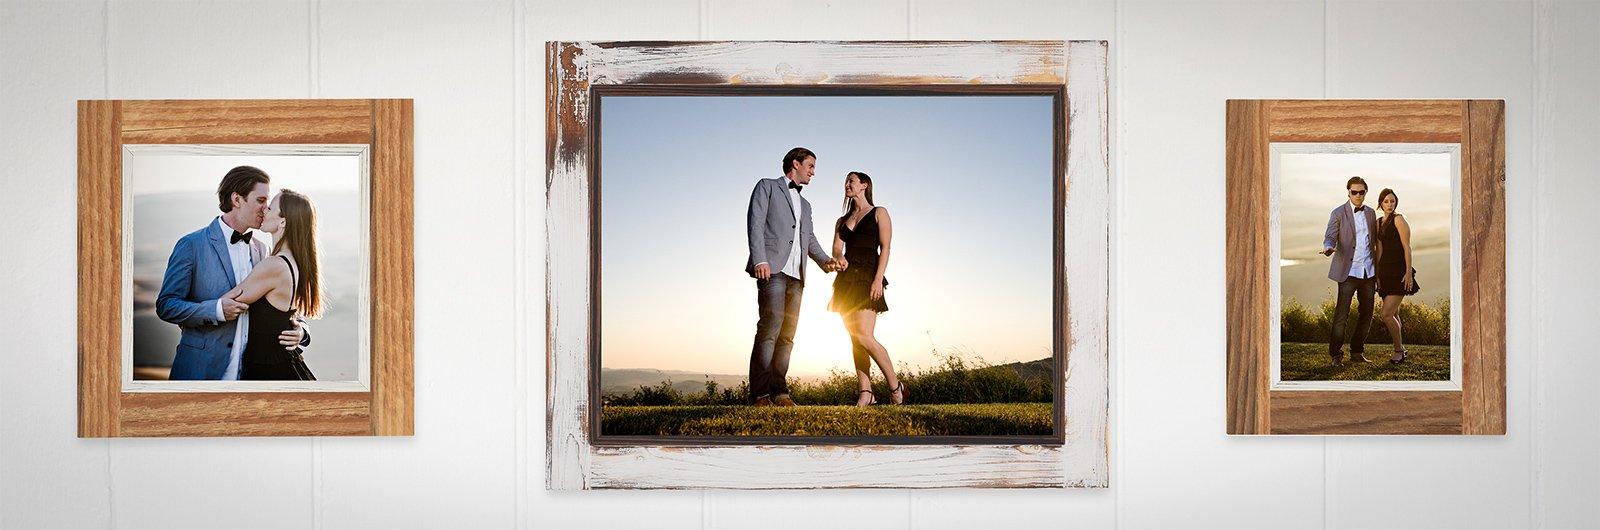 Cornici Moderne Per Foto.Cornici Per Foto Di Matrimonio Album Epoca